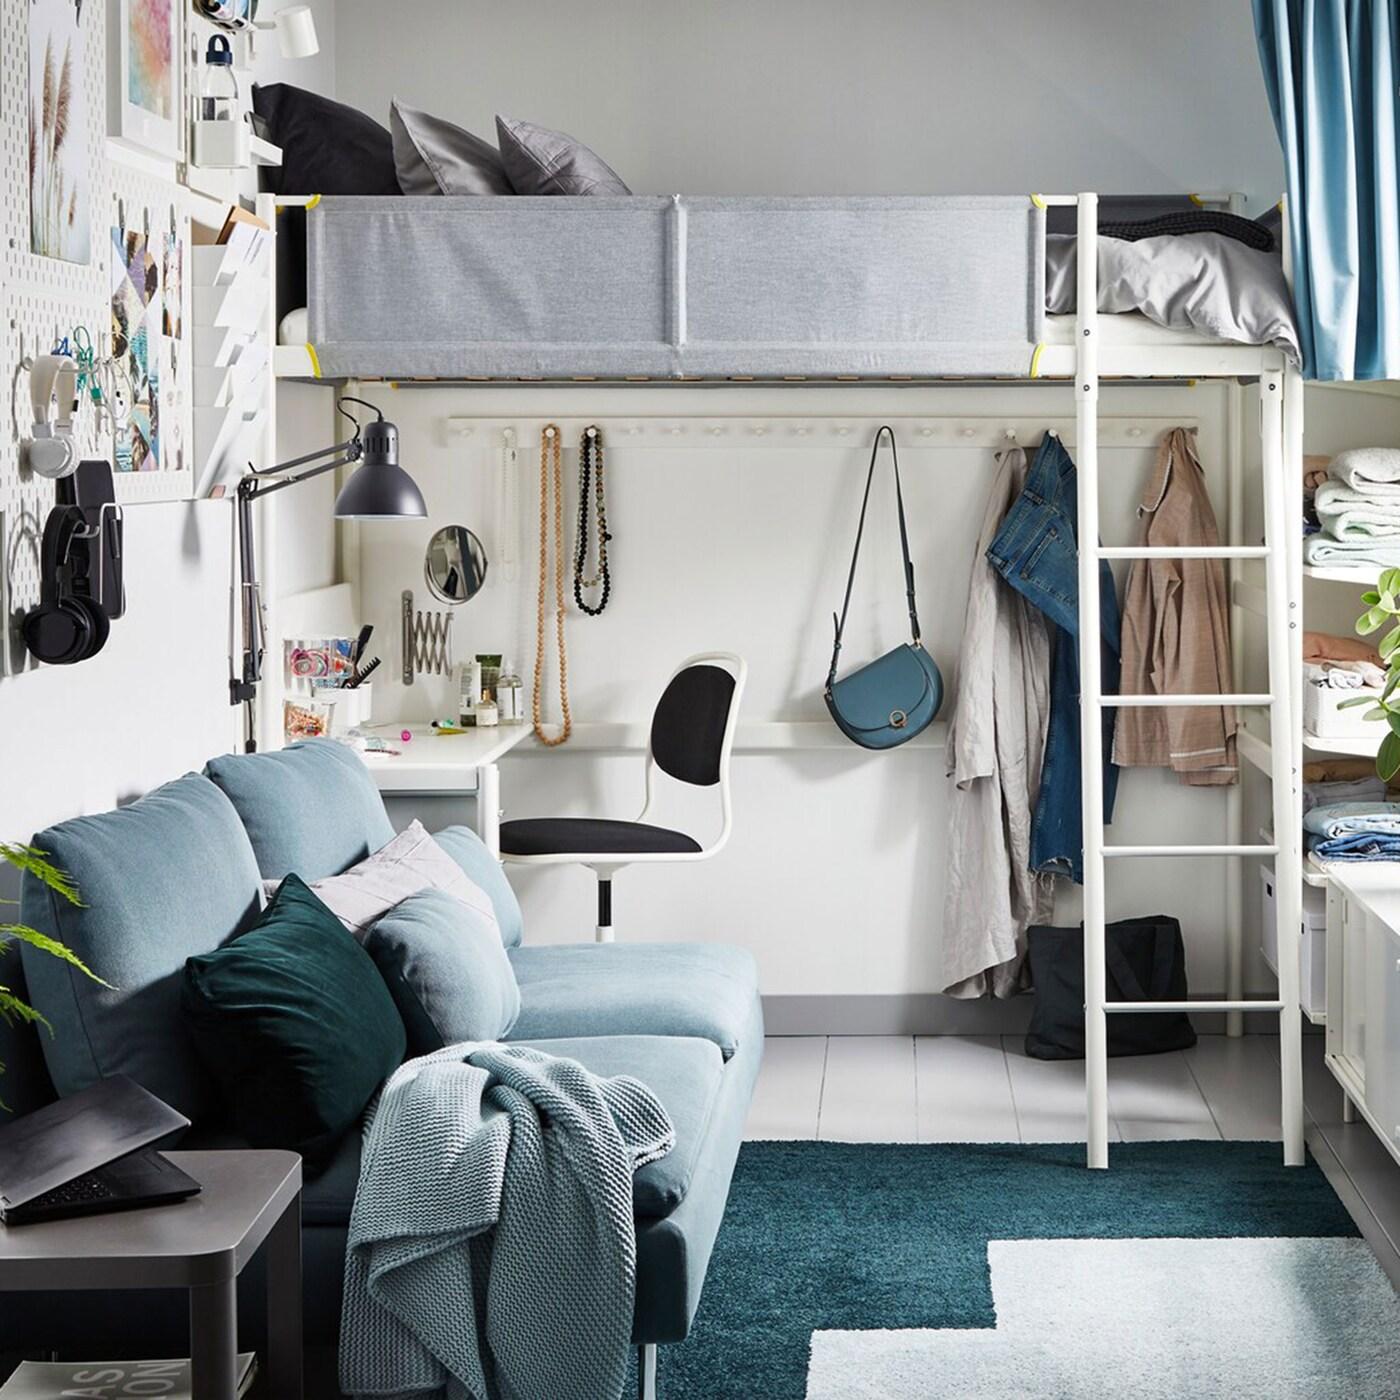 кровати в стиле лофт фото 13